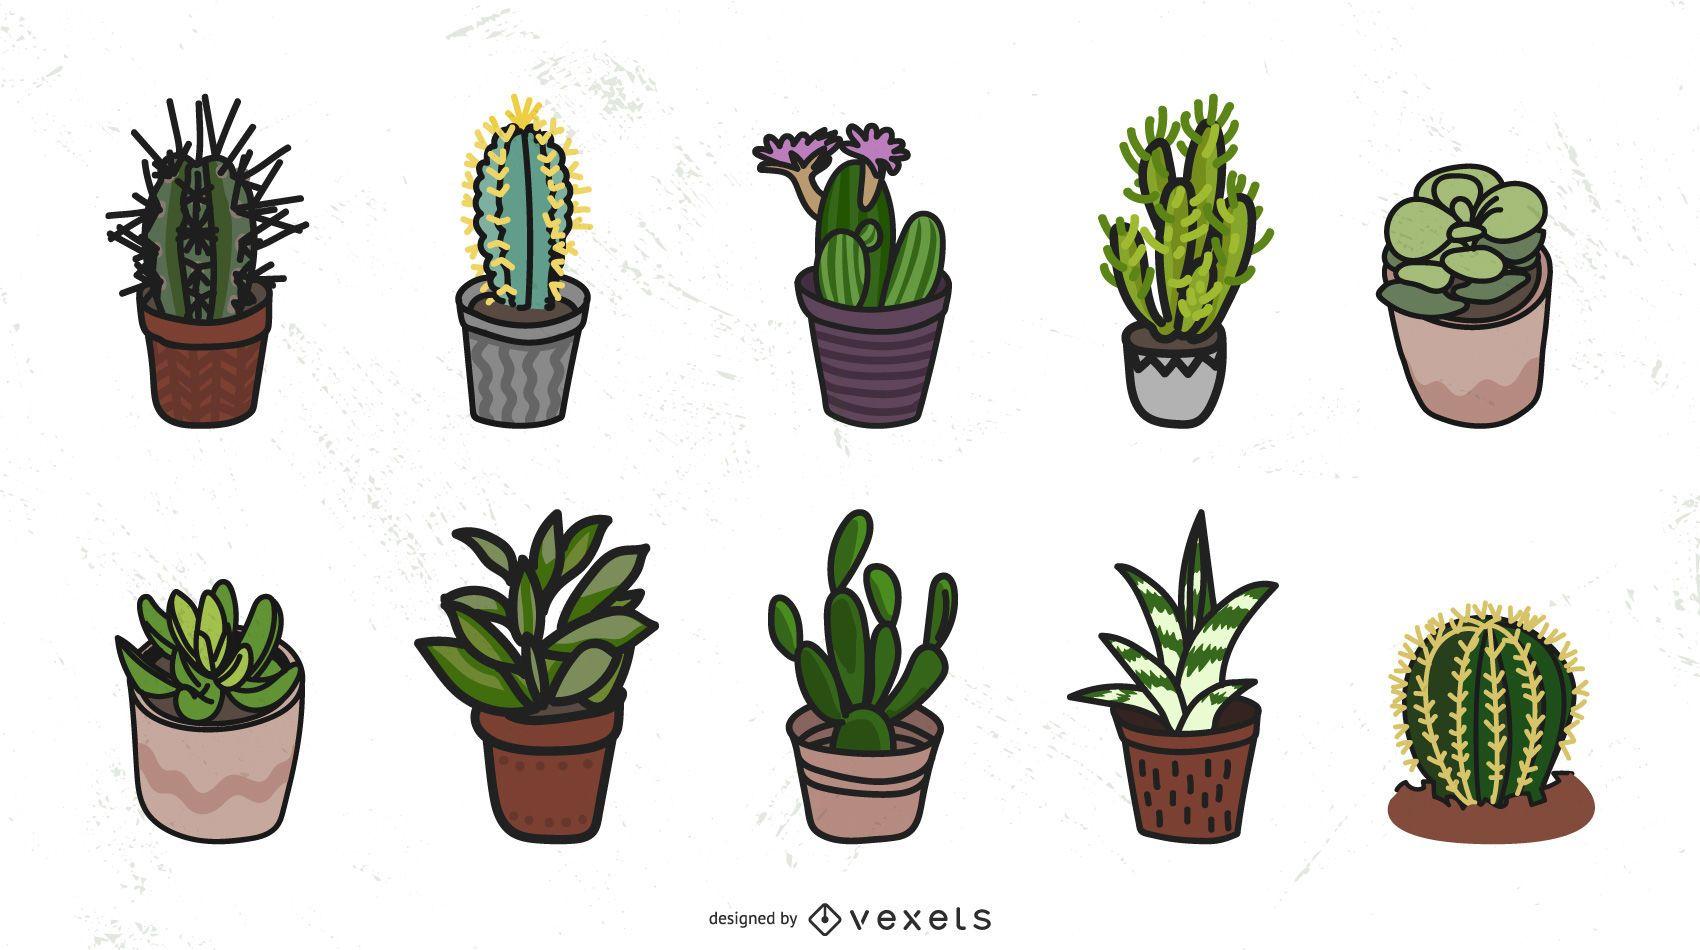 Colecci?n de vectores de cactus